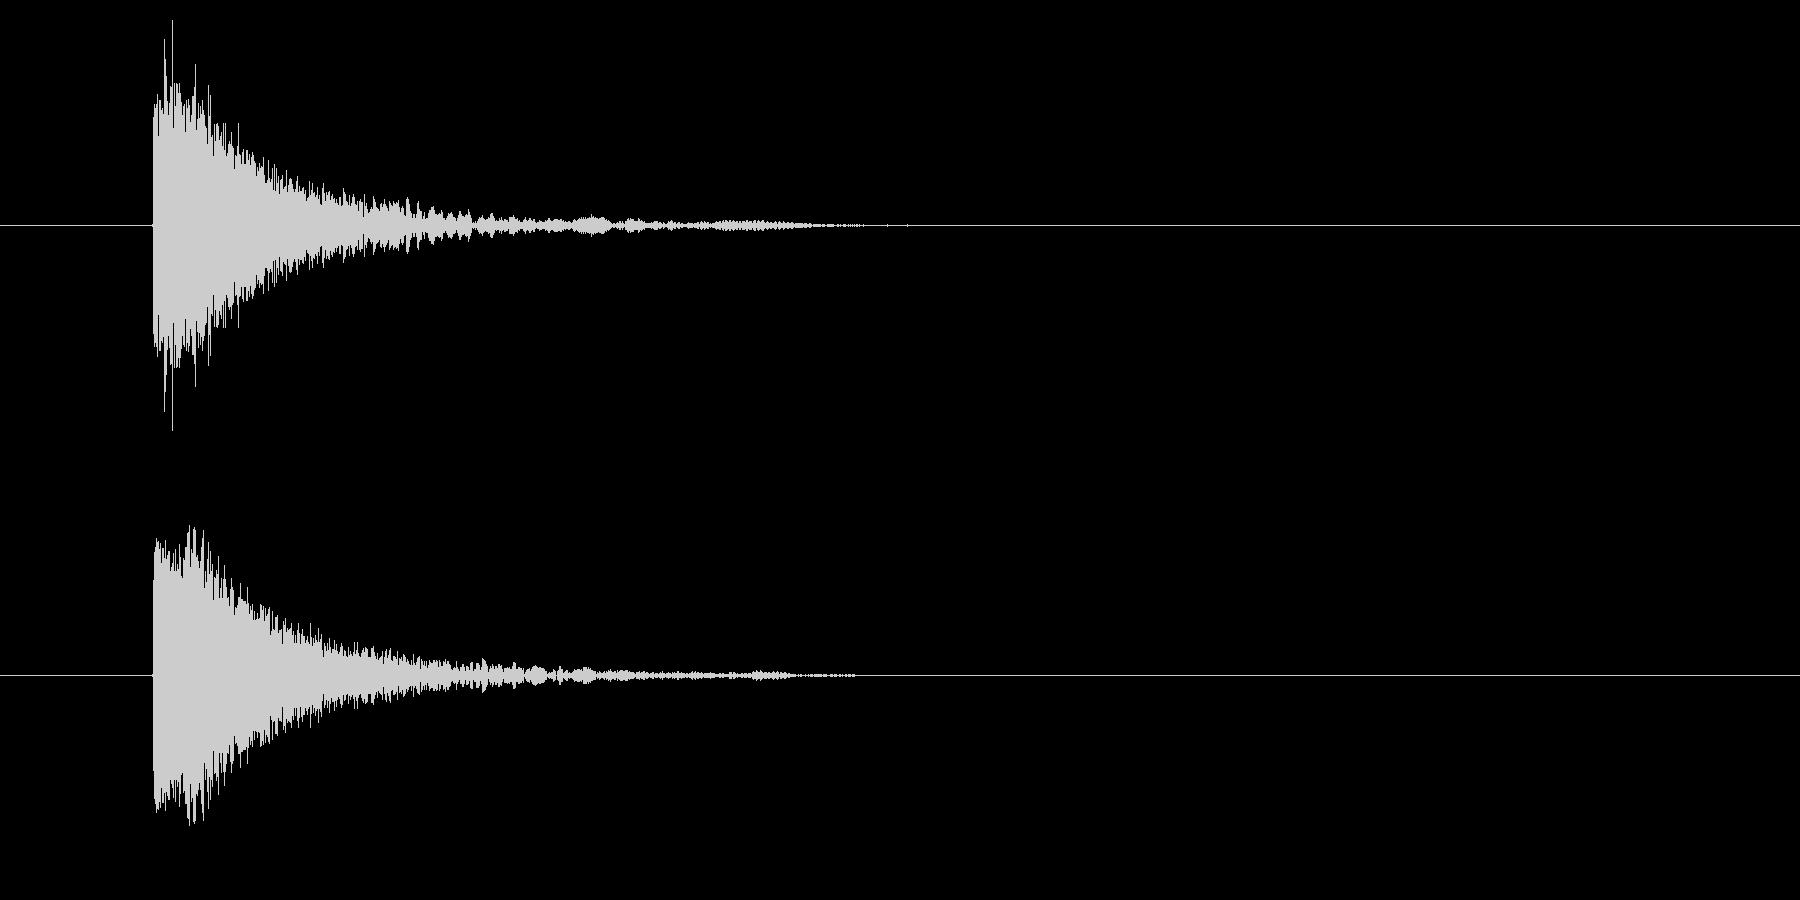 カットイン/場面の切り替え/アニメ/映像の未再生の波形